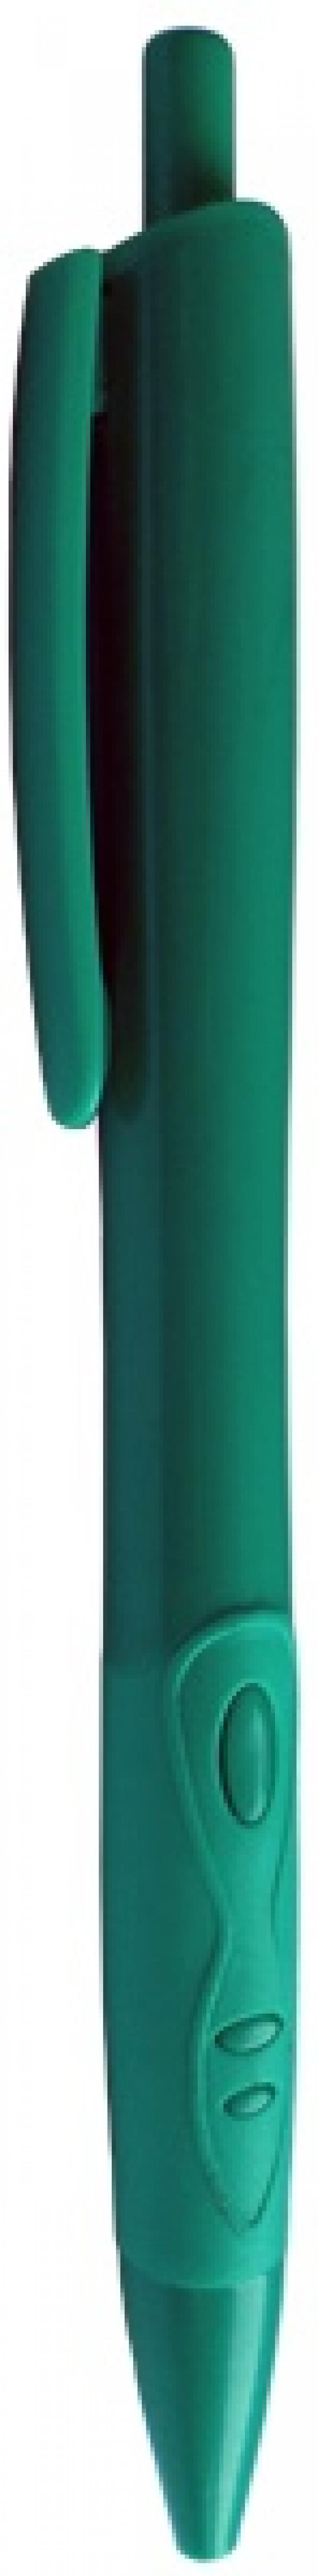 Шариковая ручка автоматическая Index Vinson зеленый 0.7 мм IBP406/GN масляные чернила IBP406/GN ручка шариковая delta автоматическая 0 7мм масляные чернила черная